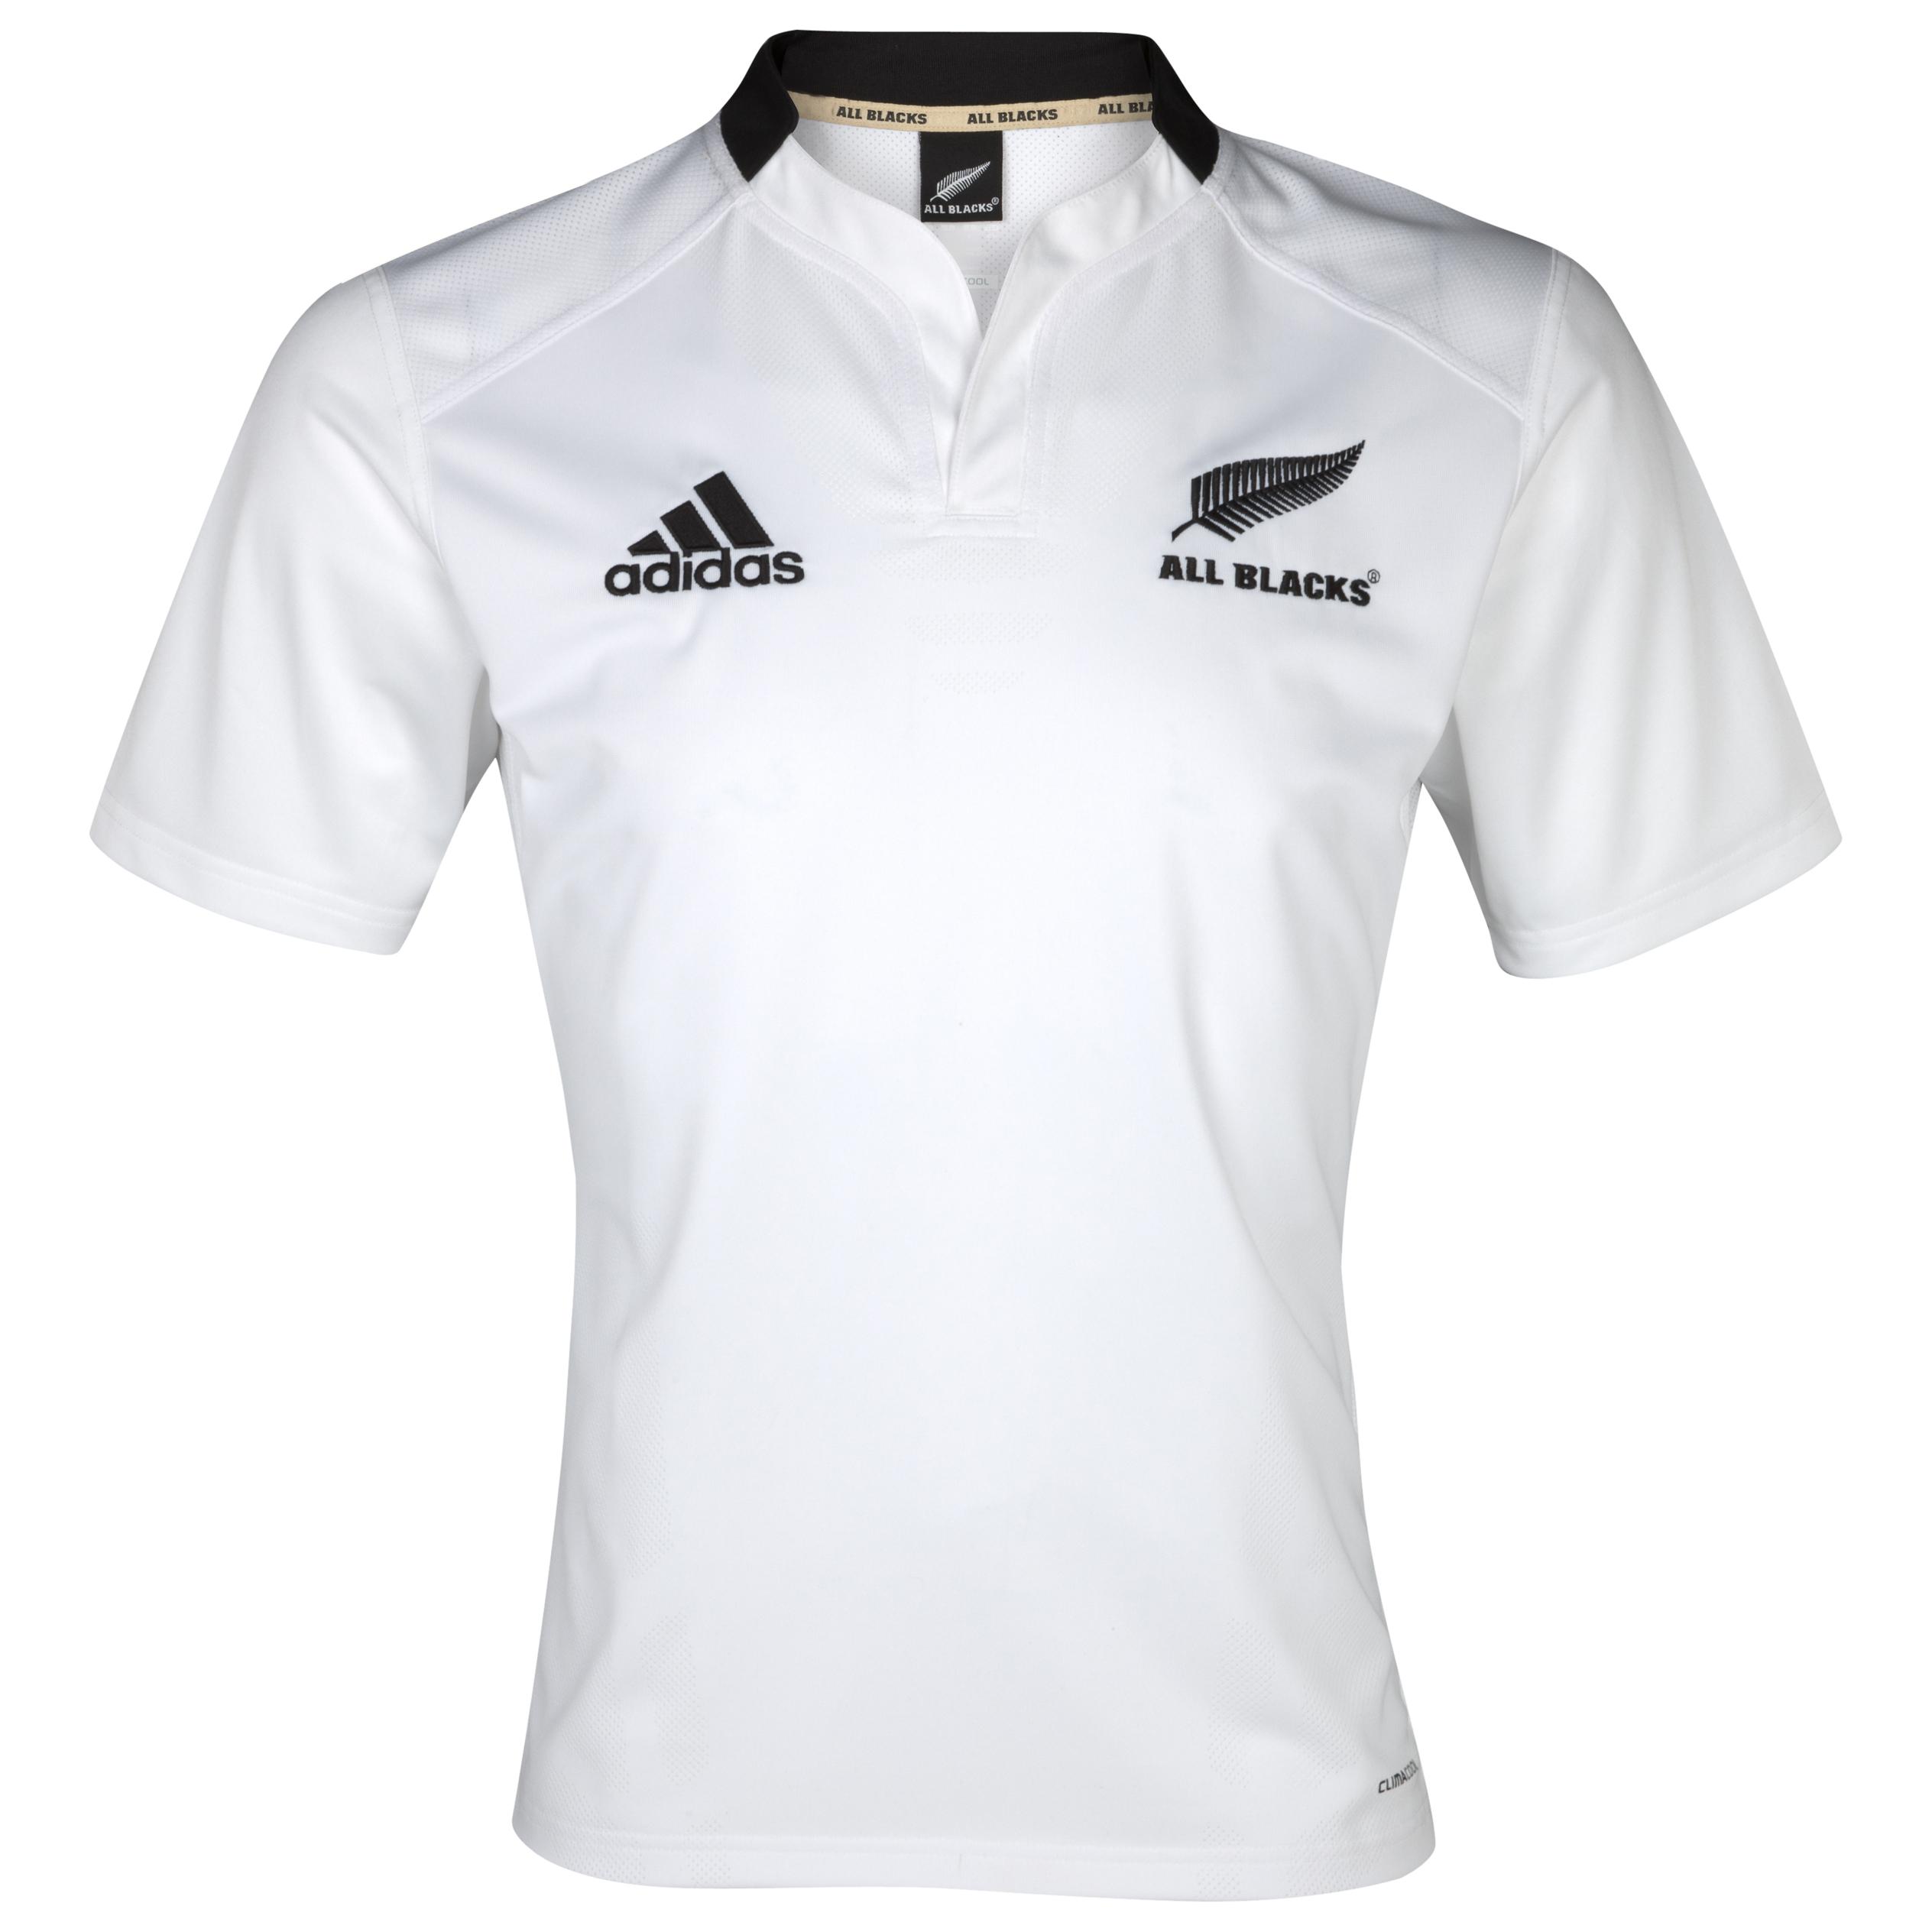 All Blacks Away Shirt 2011/12 - White. for 30€